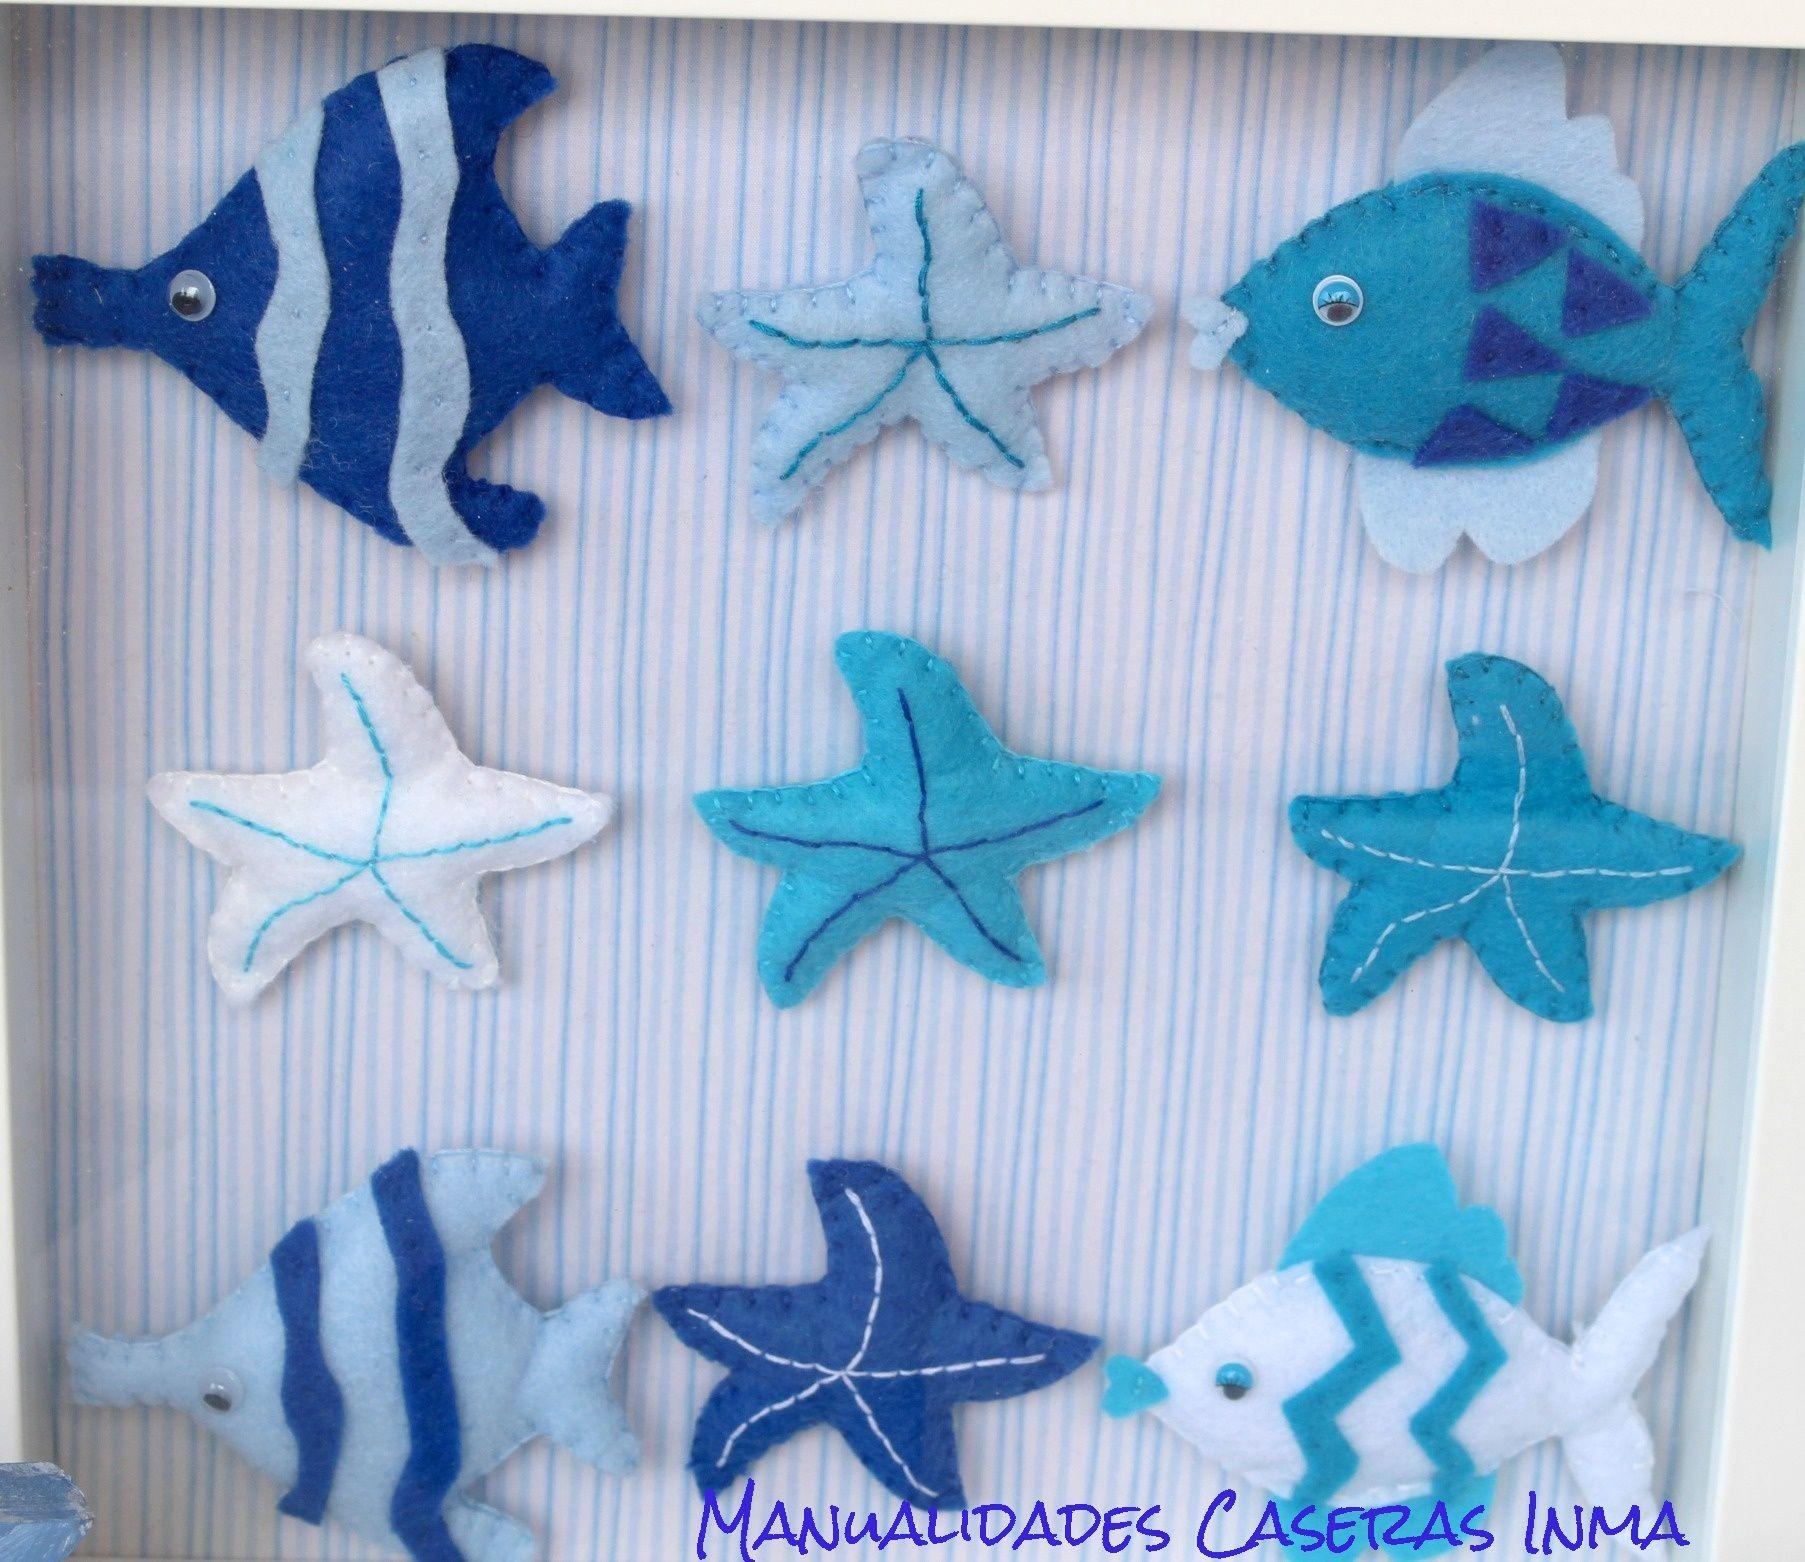 Manualidades Caseras Inma_ Detalle de cuadro con animales marinos